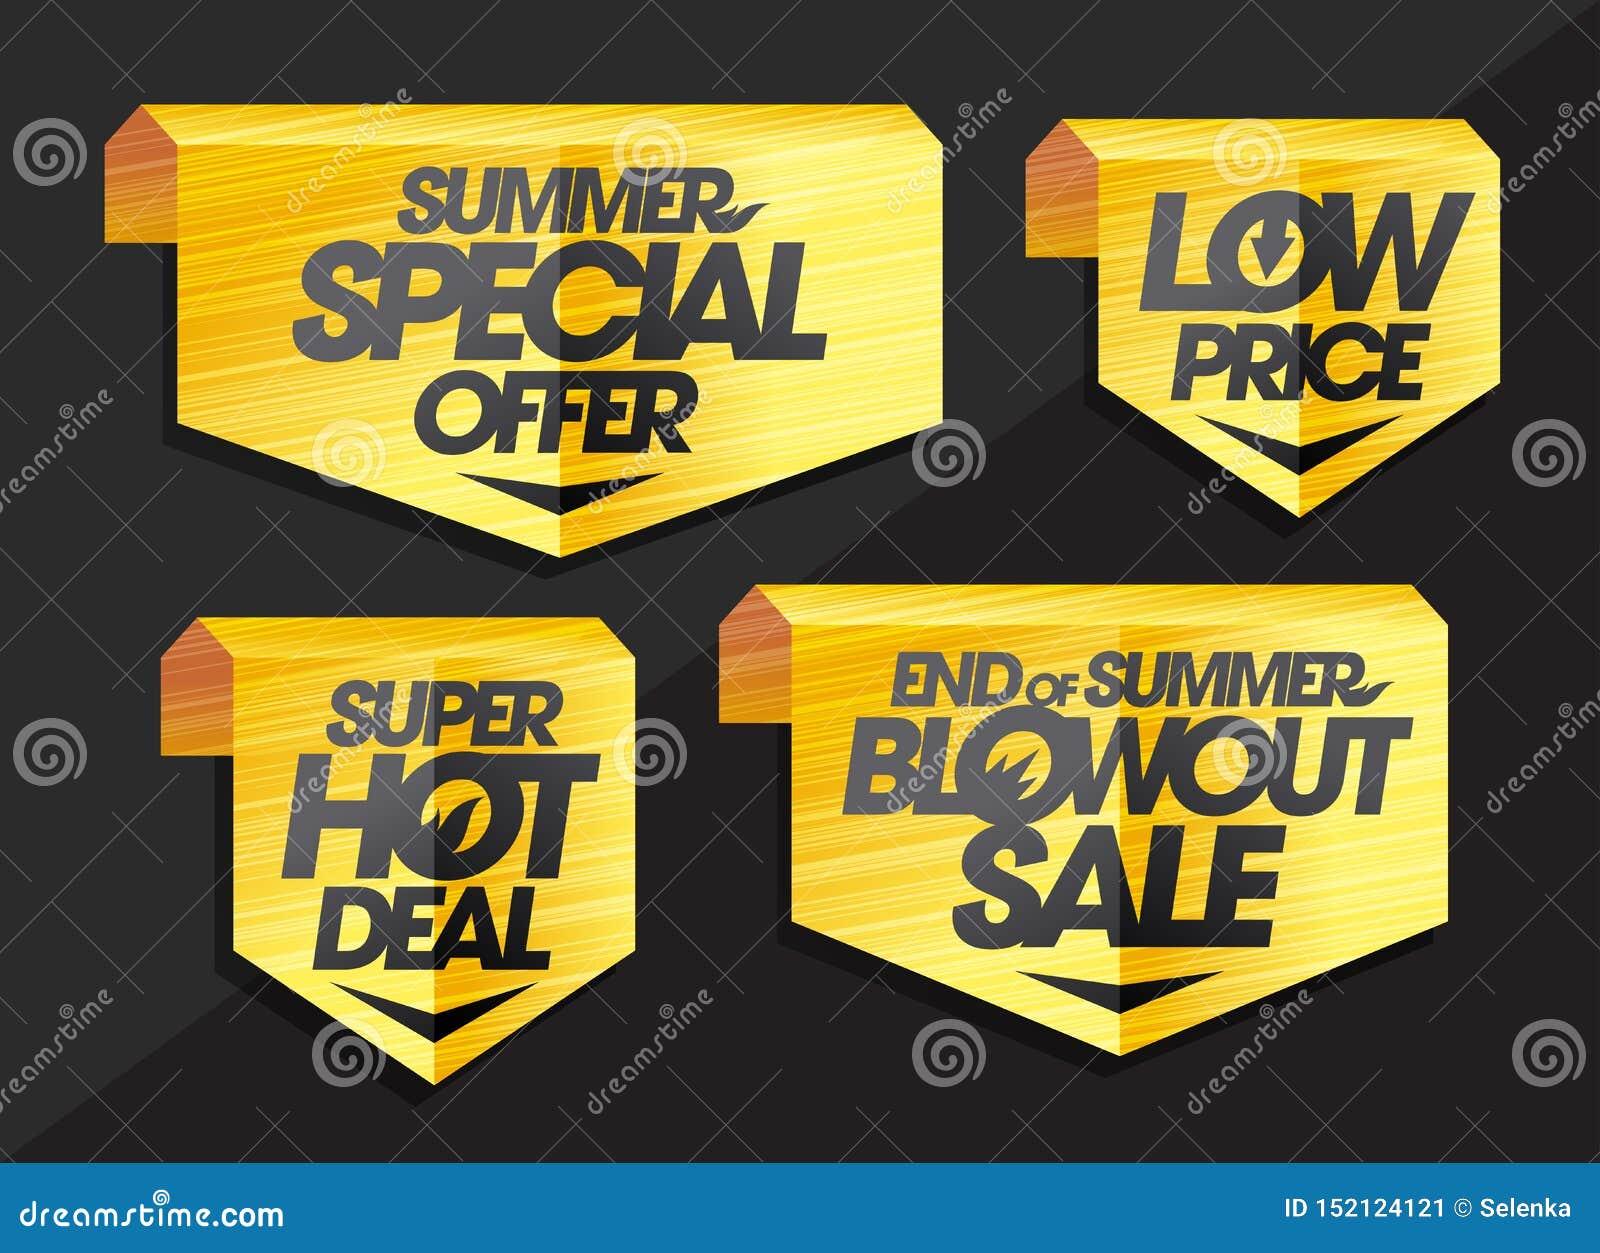 Insieme dei nastri e del segno - offerta speciale di estate, prezzo basso, affare caldo eccellente, conclusione della vendita del